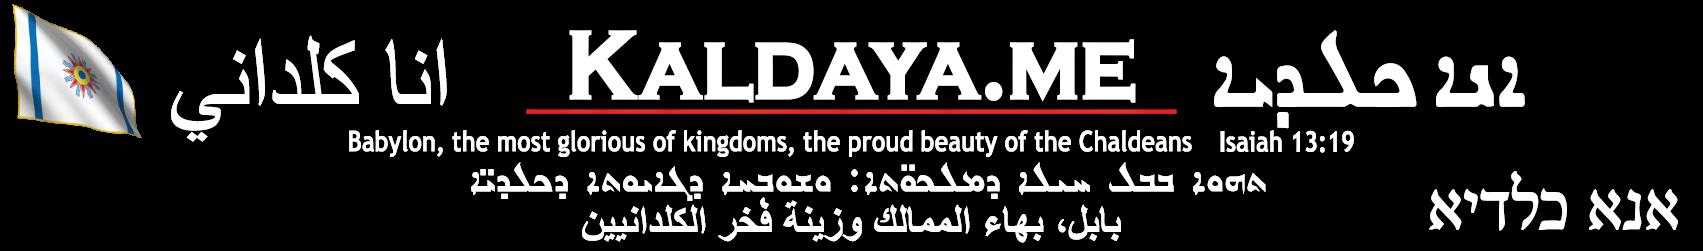 Kaldaya.me